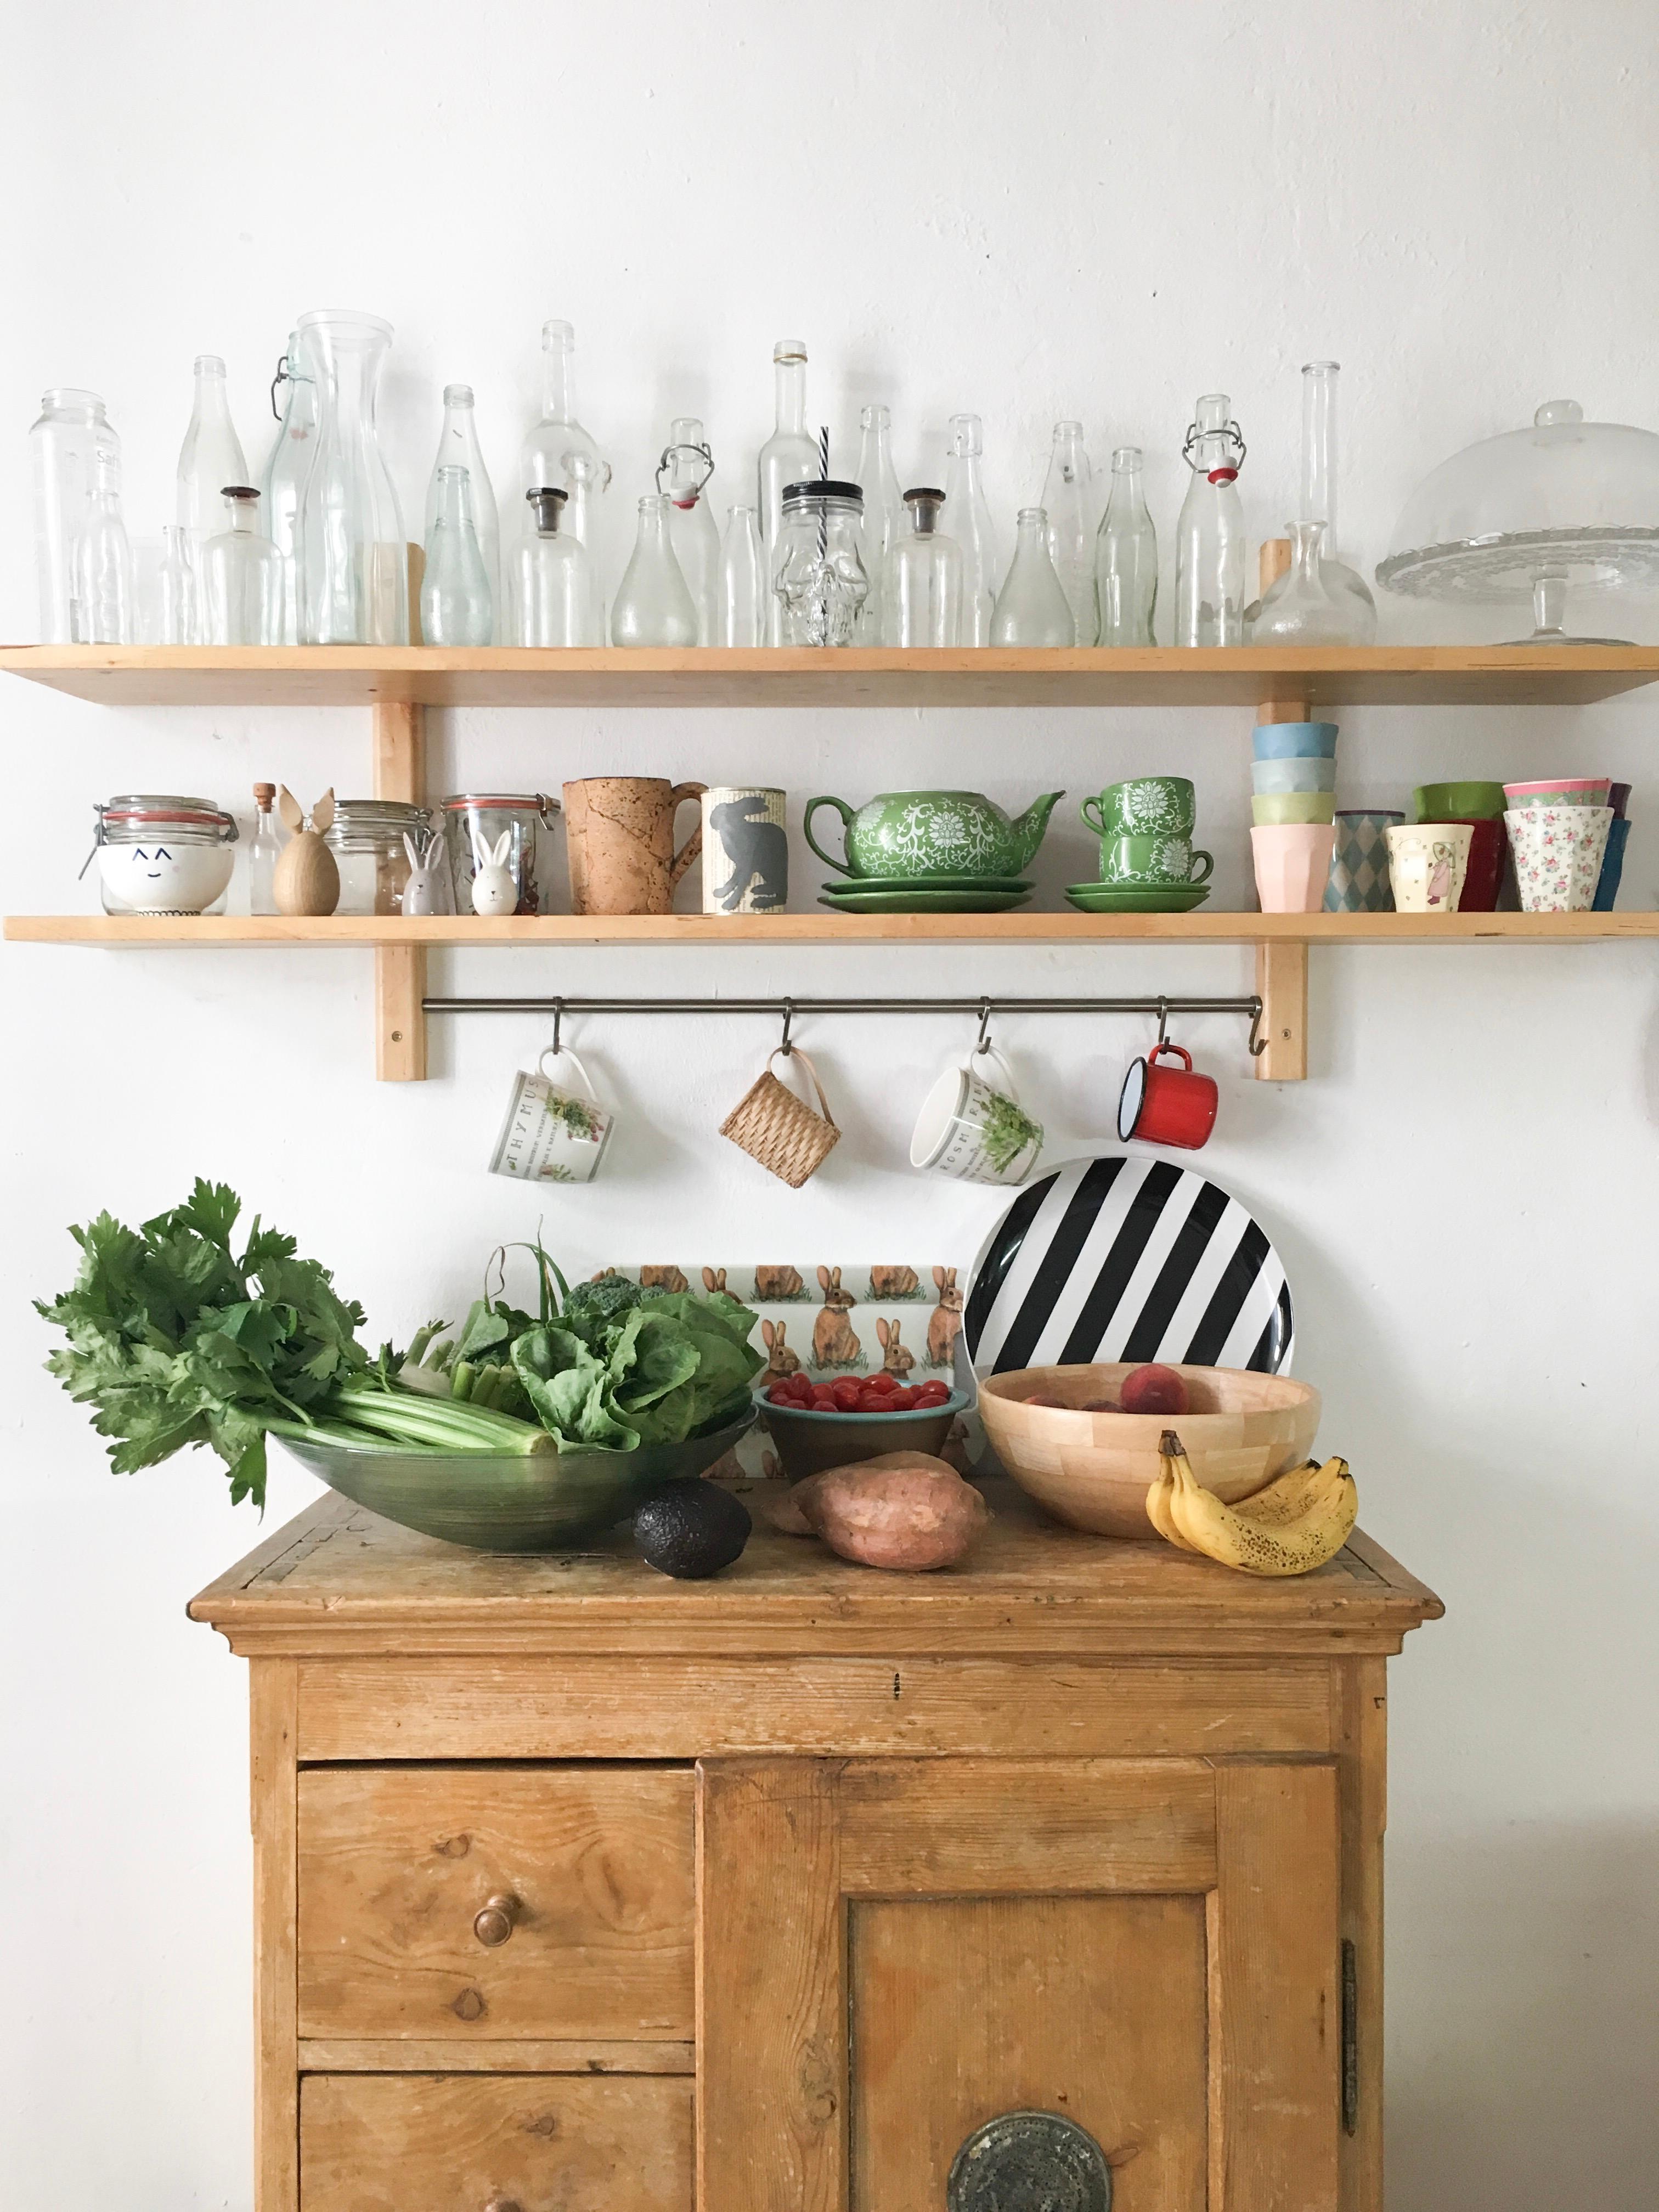 küche #vintage Wir leben sehr #nachhaltig, gut 90% ...